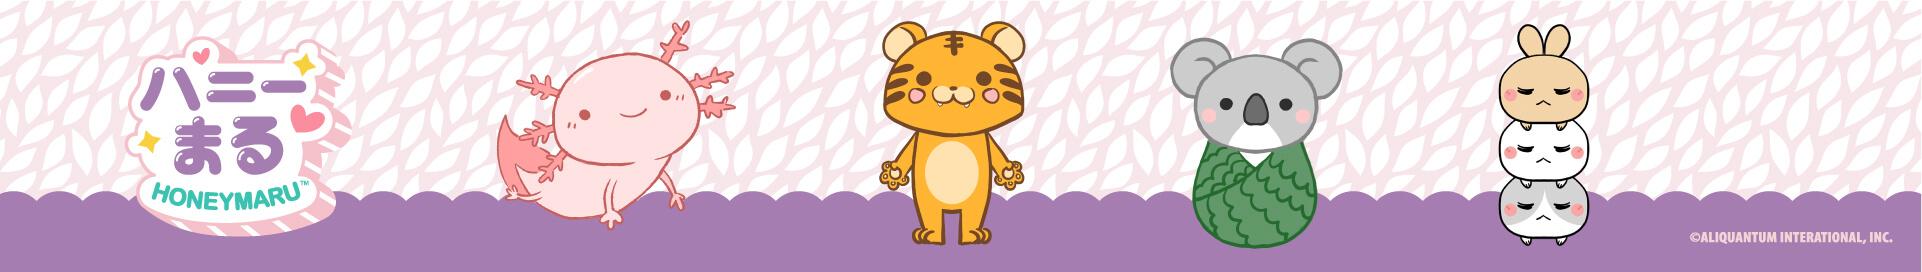 honeymaru-homepagebanners-wbunnies.jpg